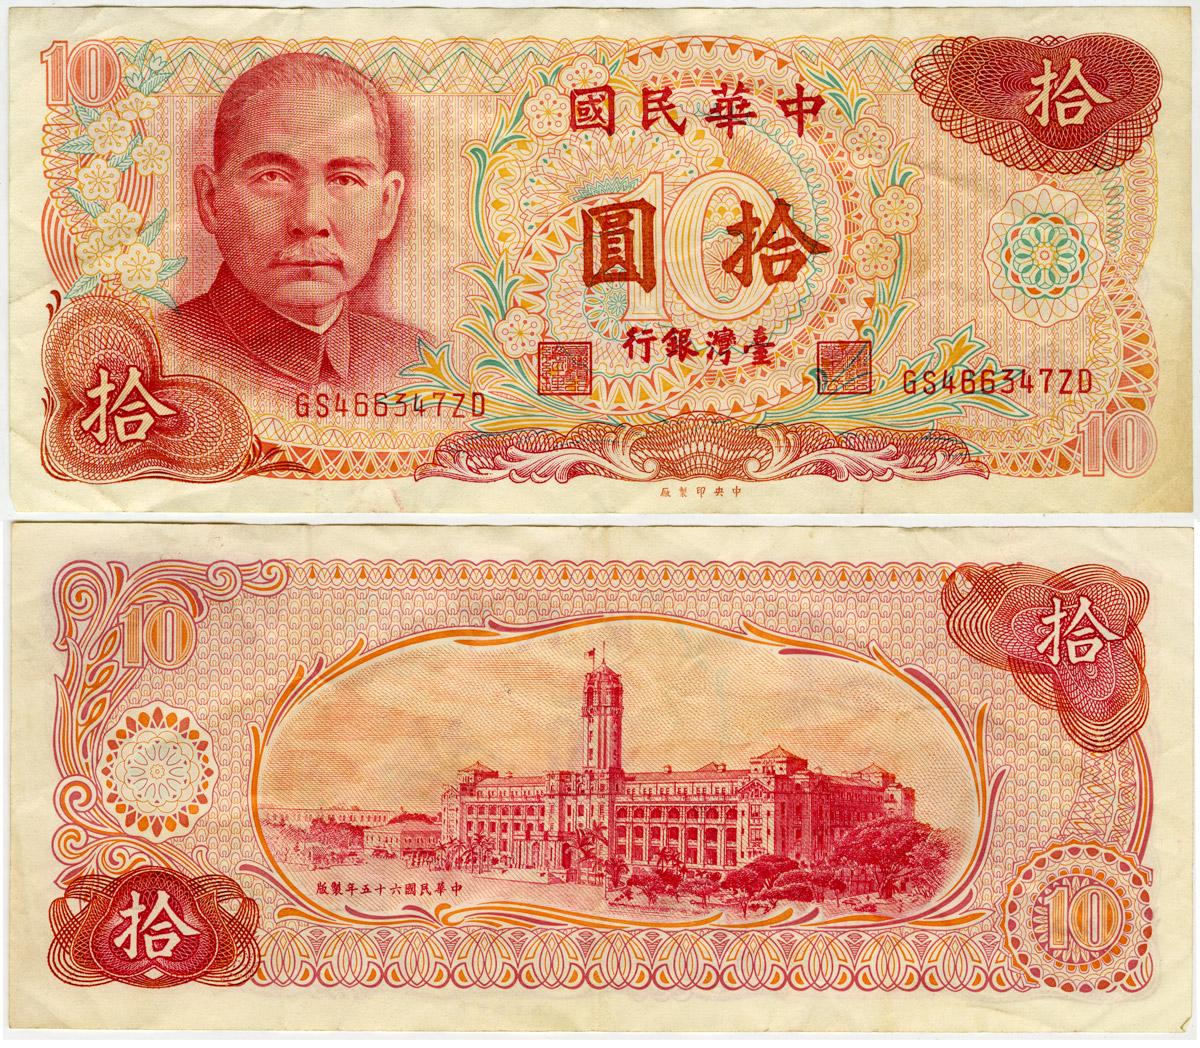 Ten Yuan Note